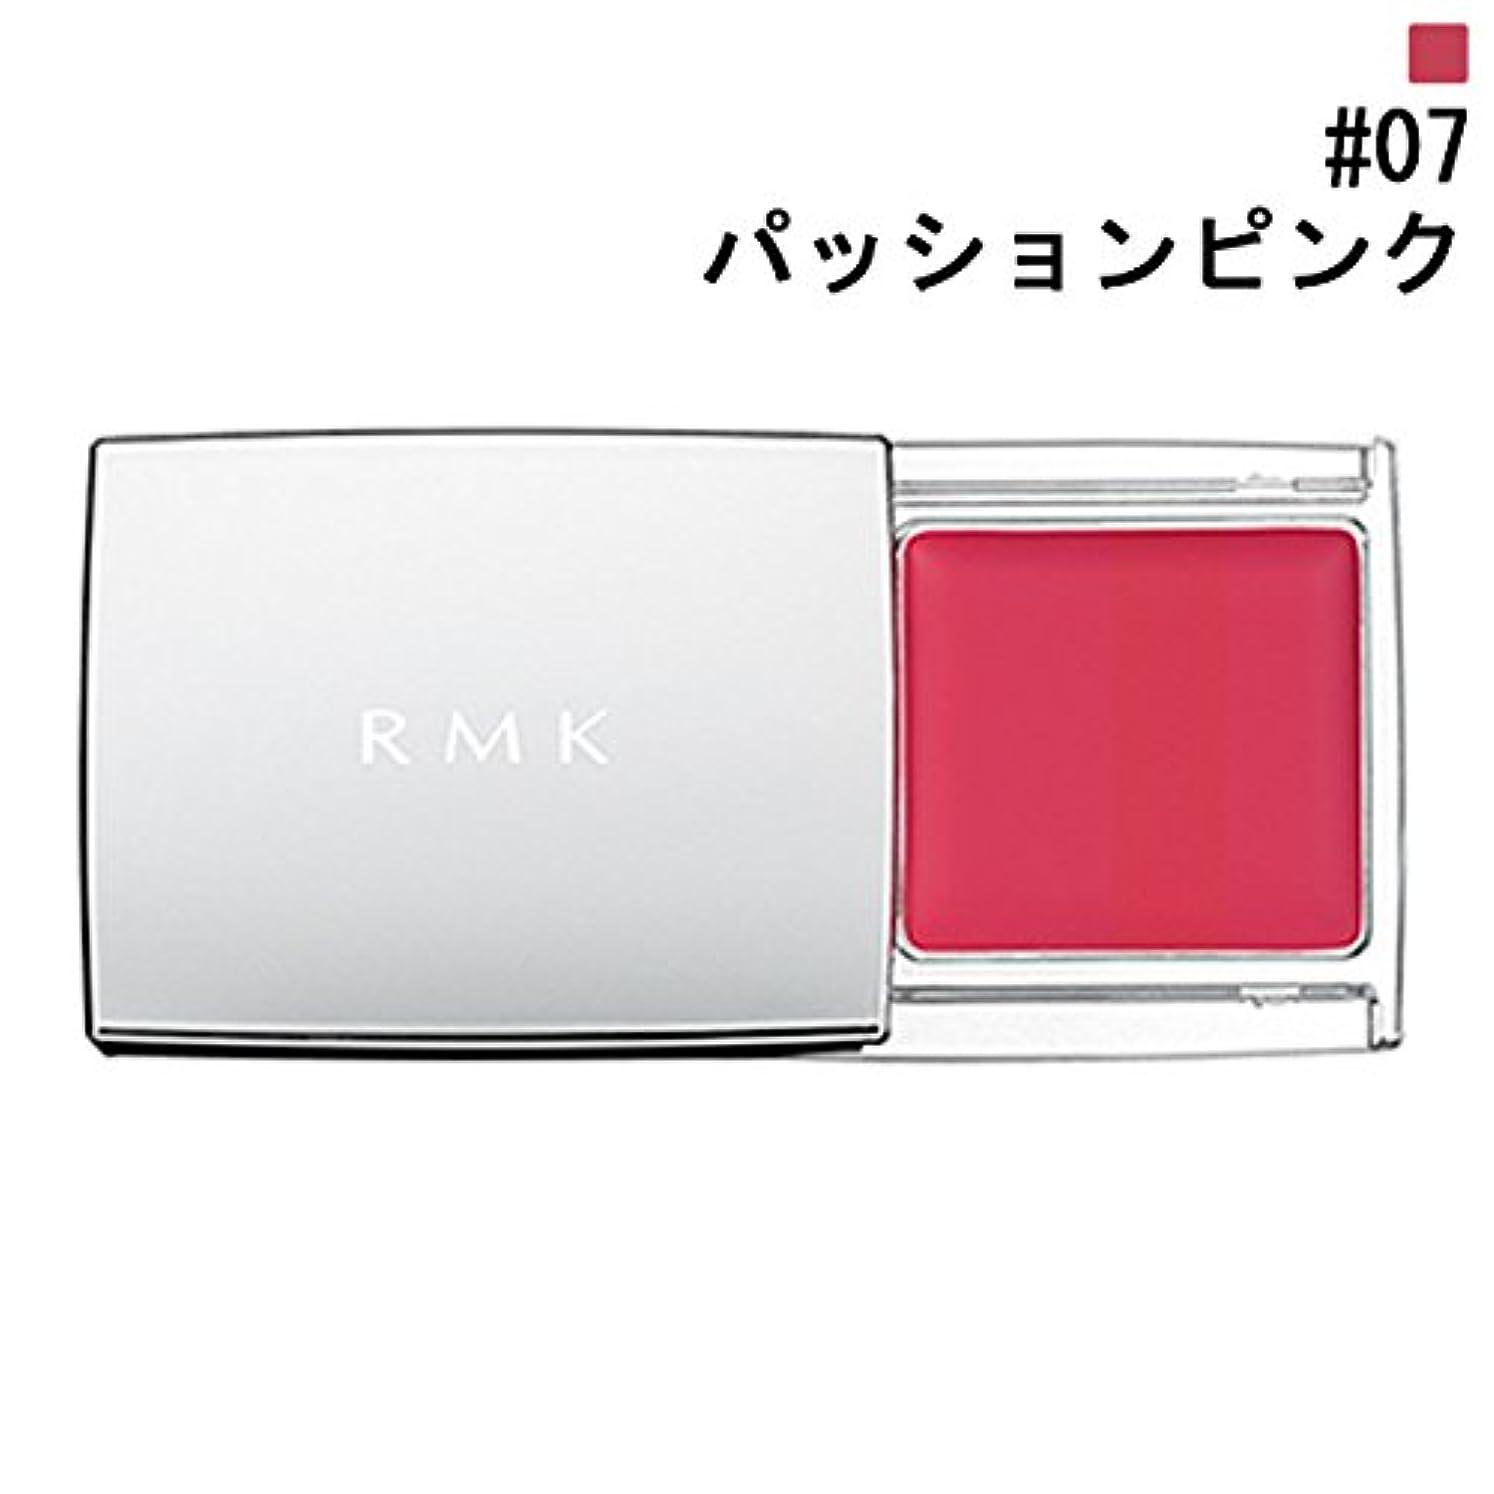 圧縮された一観光に行く【RMK (ルミコ)】RMK マルチペイントカラーズ #07 パッションピンク 1.5g